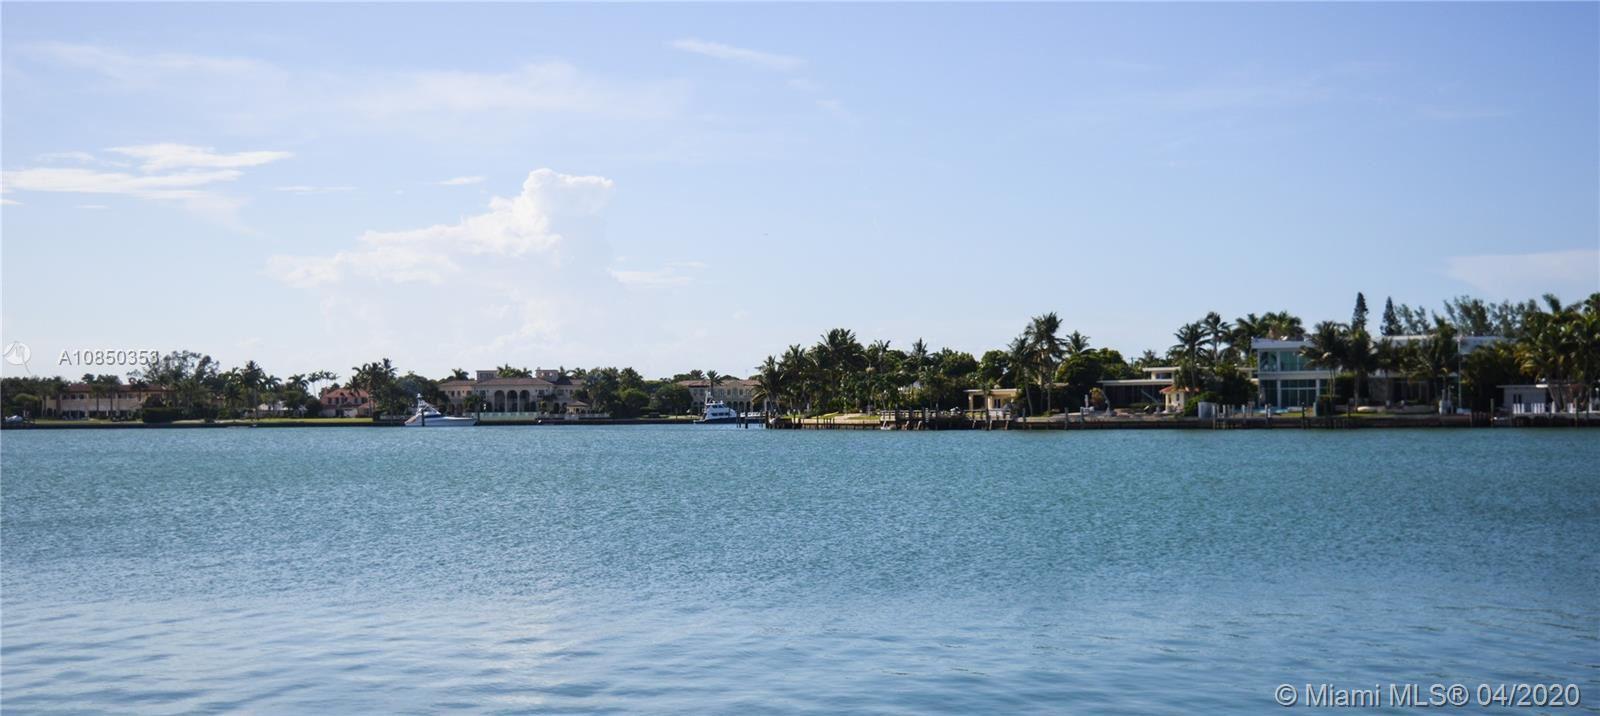 965 Stillwater Dr NE Stillwater Dr, Miami Beach, FL 33141 - #: A10850353